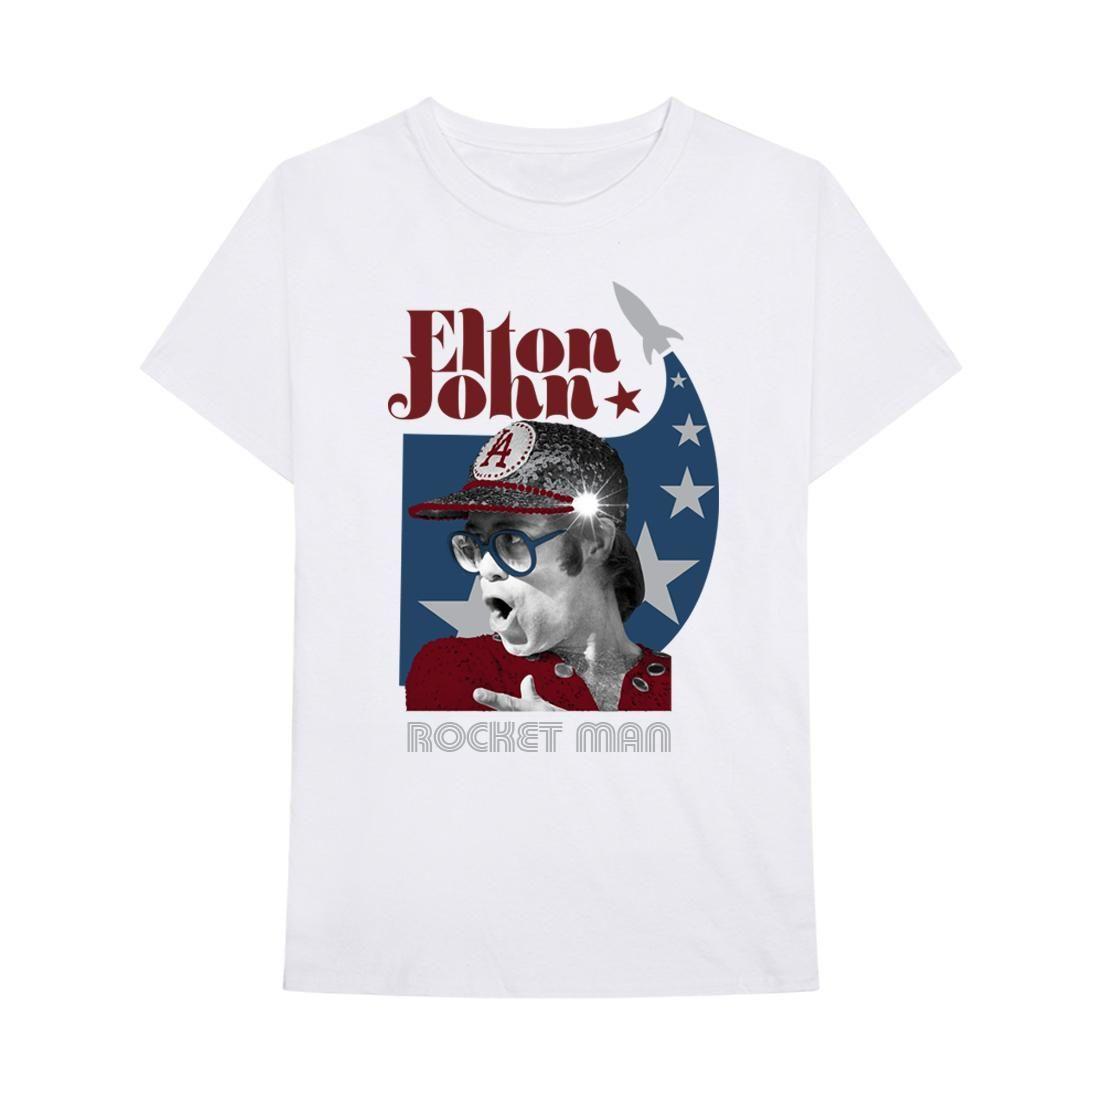 Elton John: Rocket Man USA Tee- S